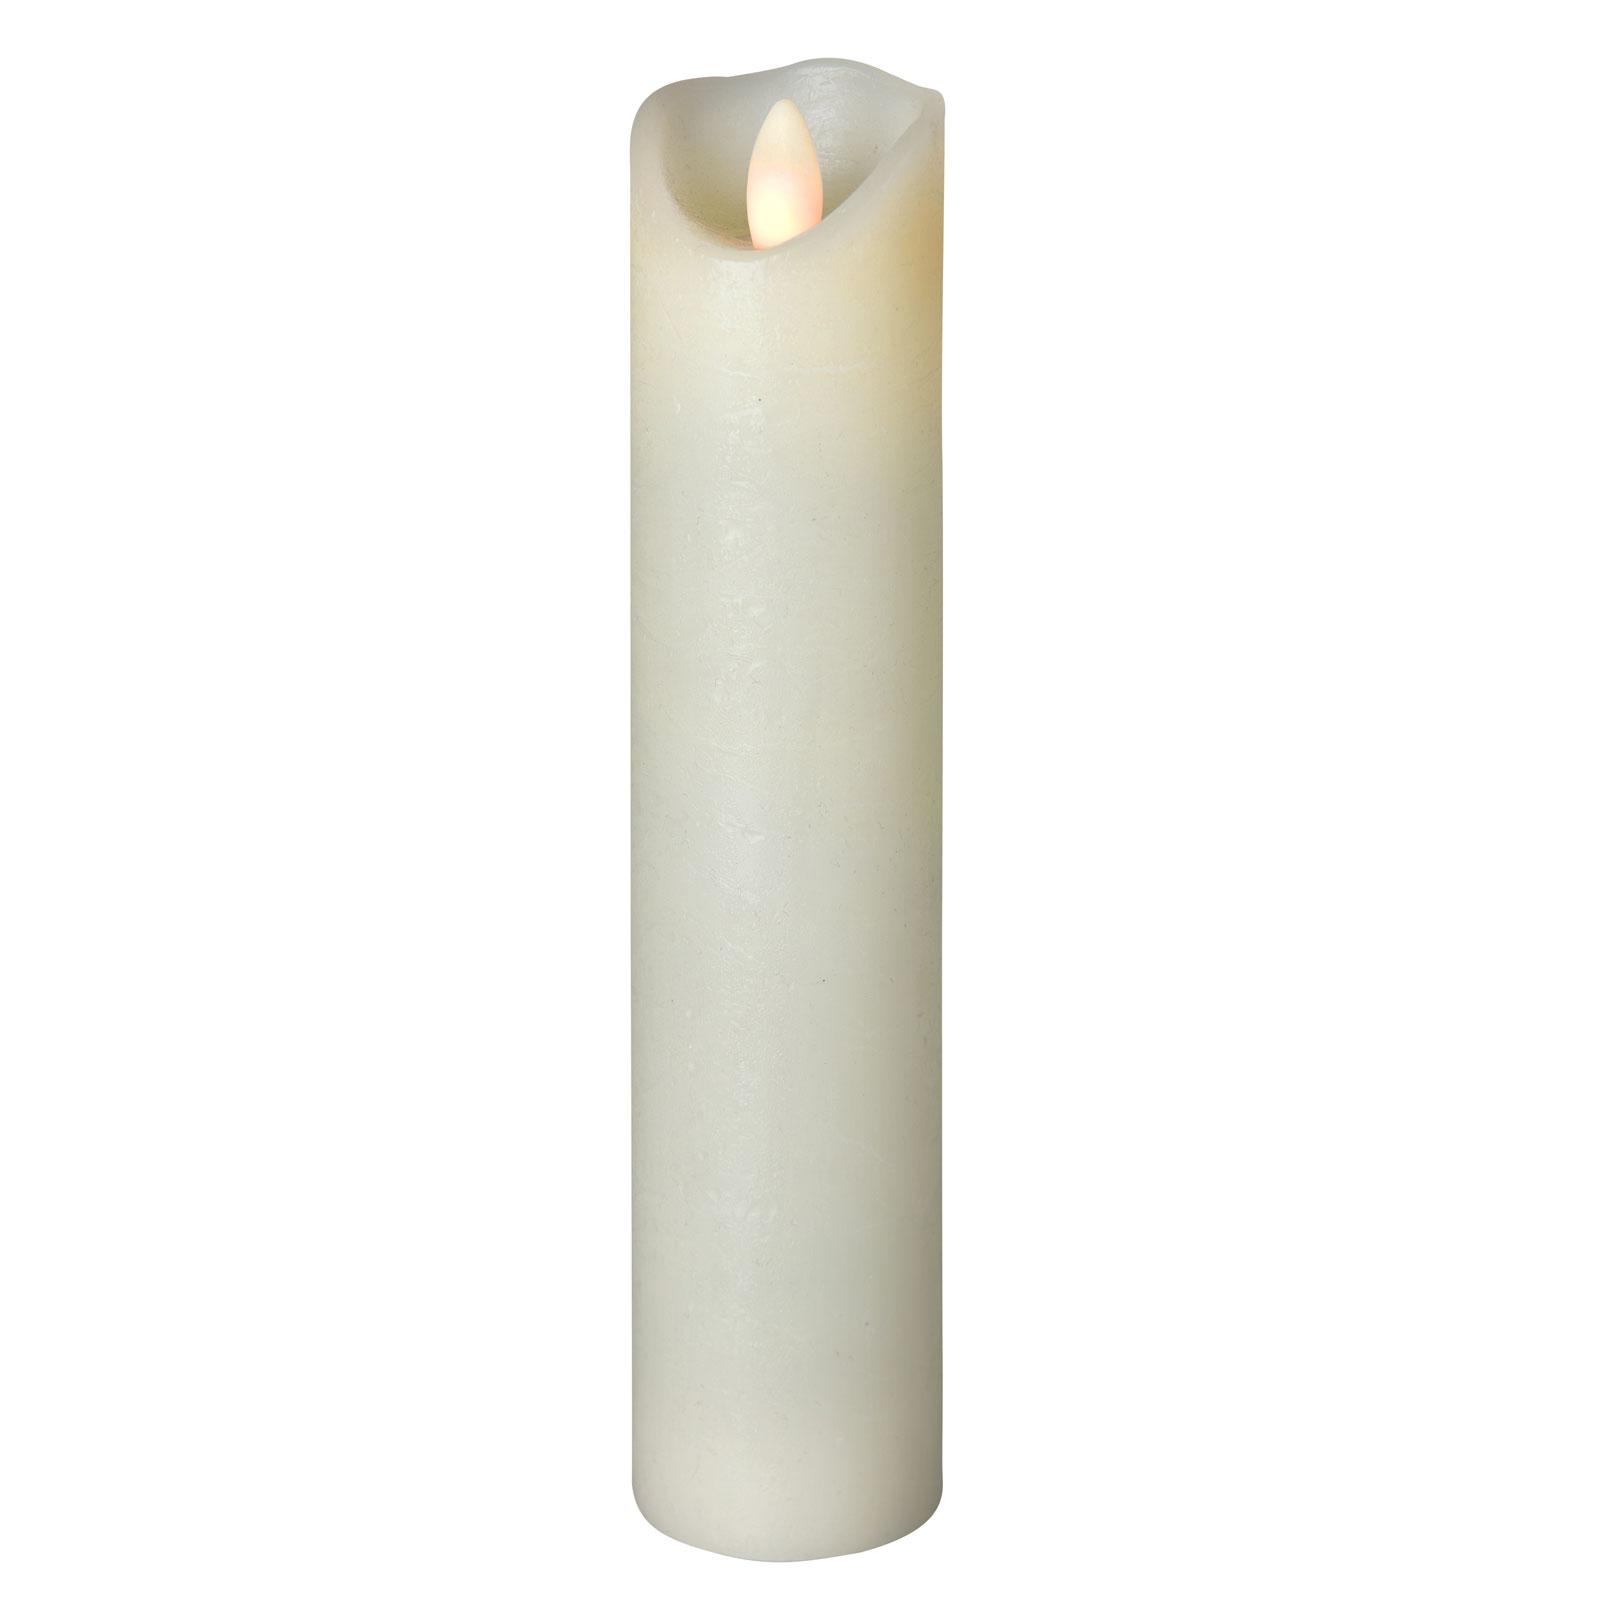 LED-kynttilä Shine, Ø 5 cm, norsunluu, 22,5 cm